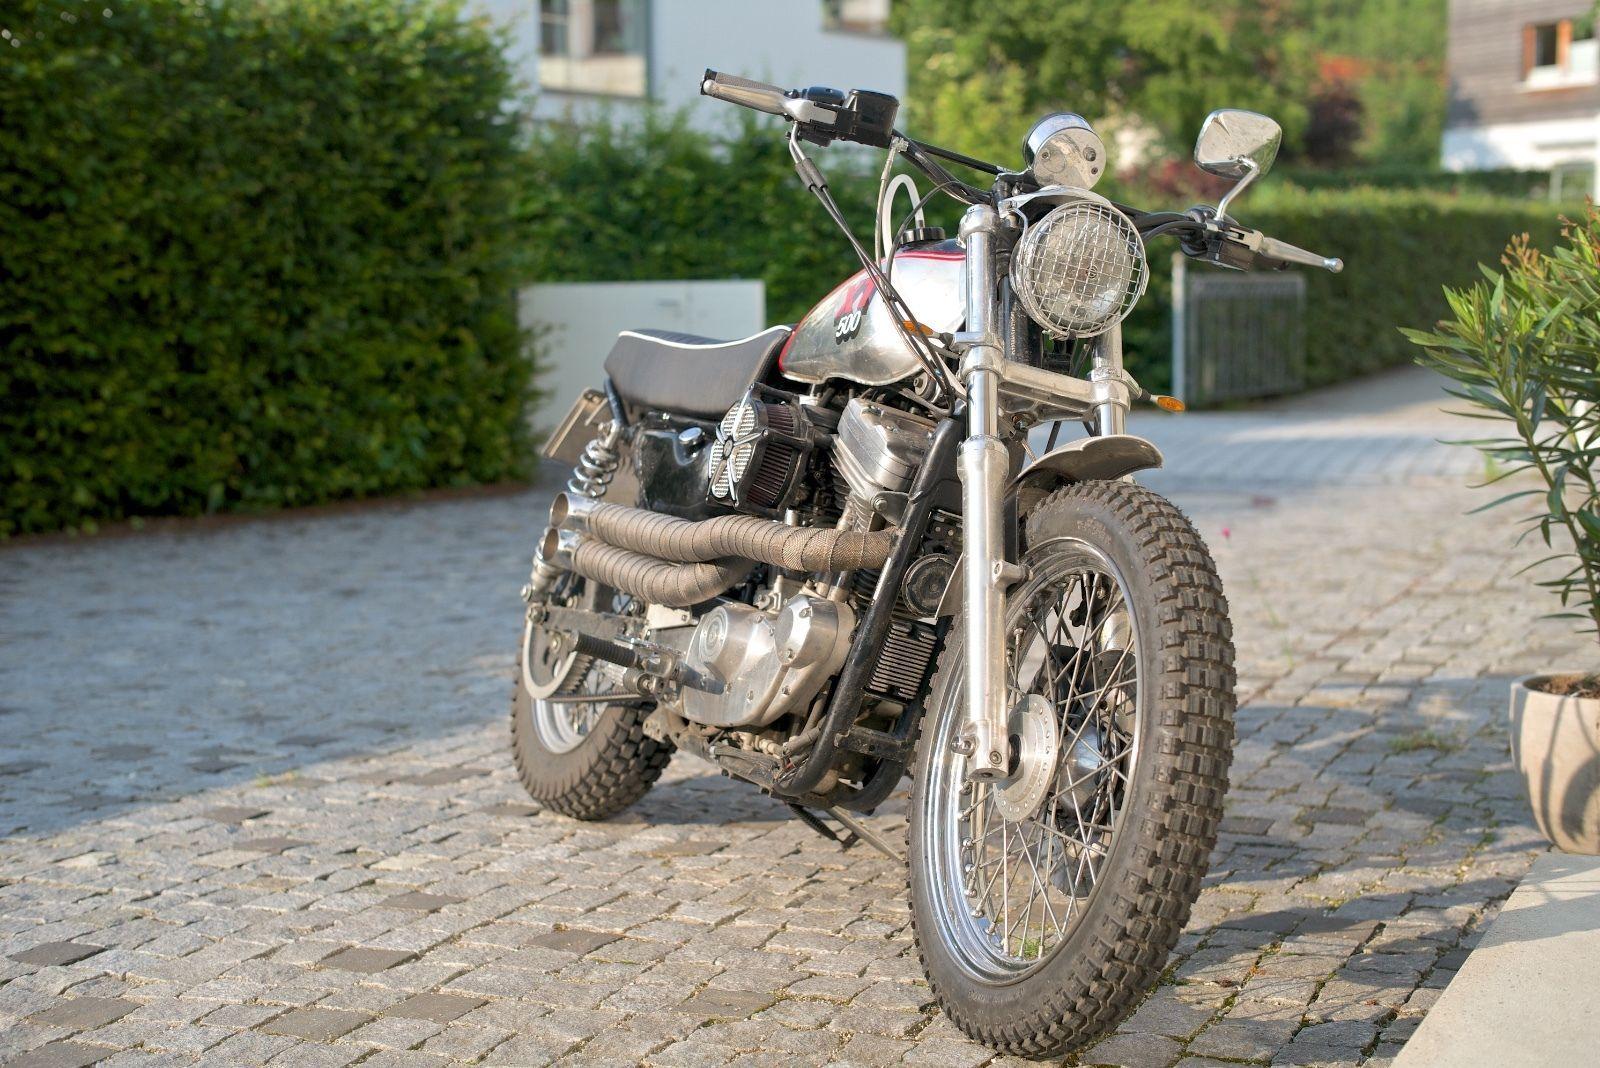 Harley Davidson Sportster 883 Scrambler Umbau